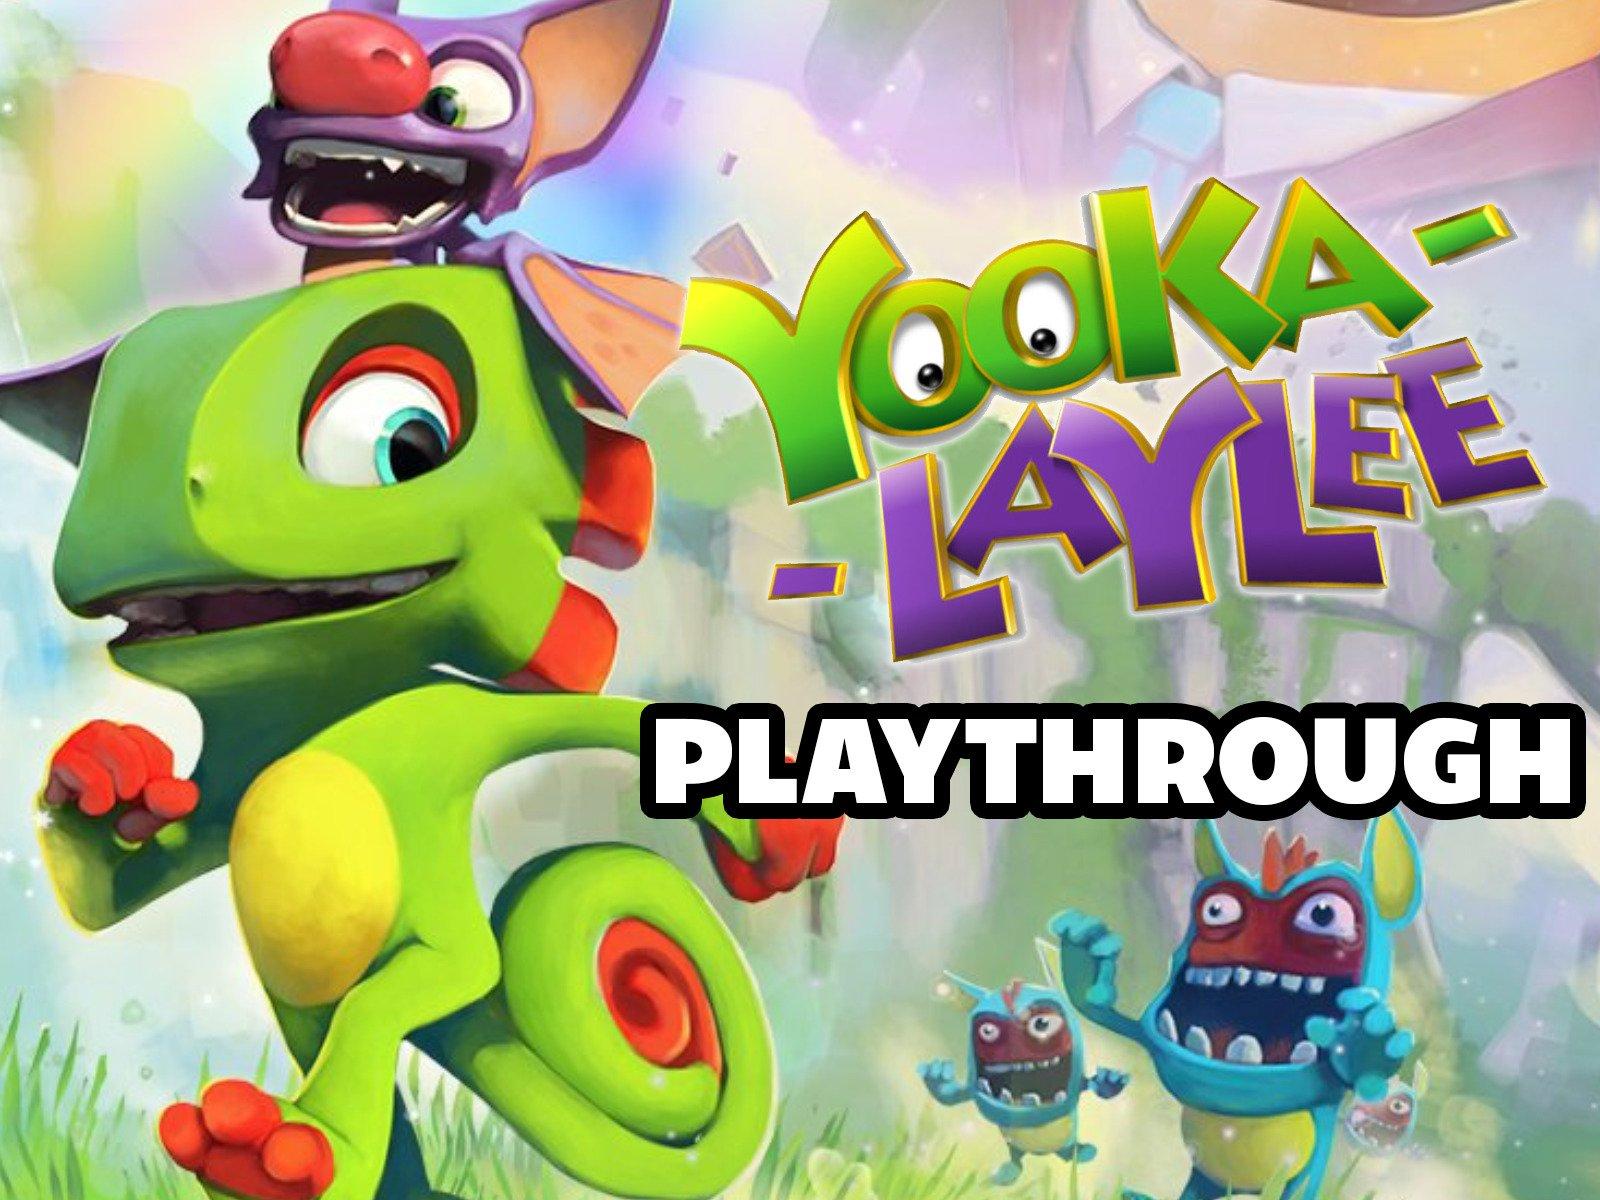 Clip: Yooka-Laylee Playthrough - Season 1